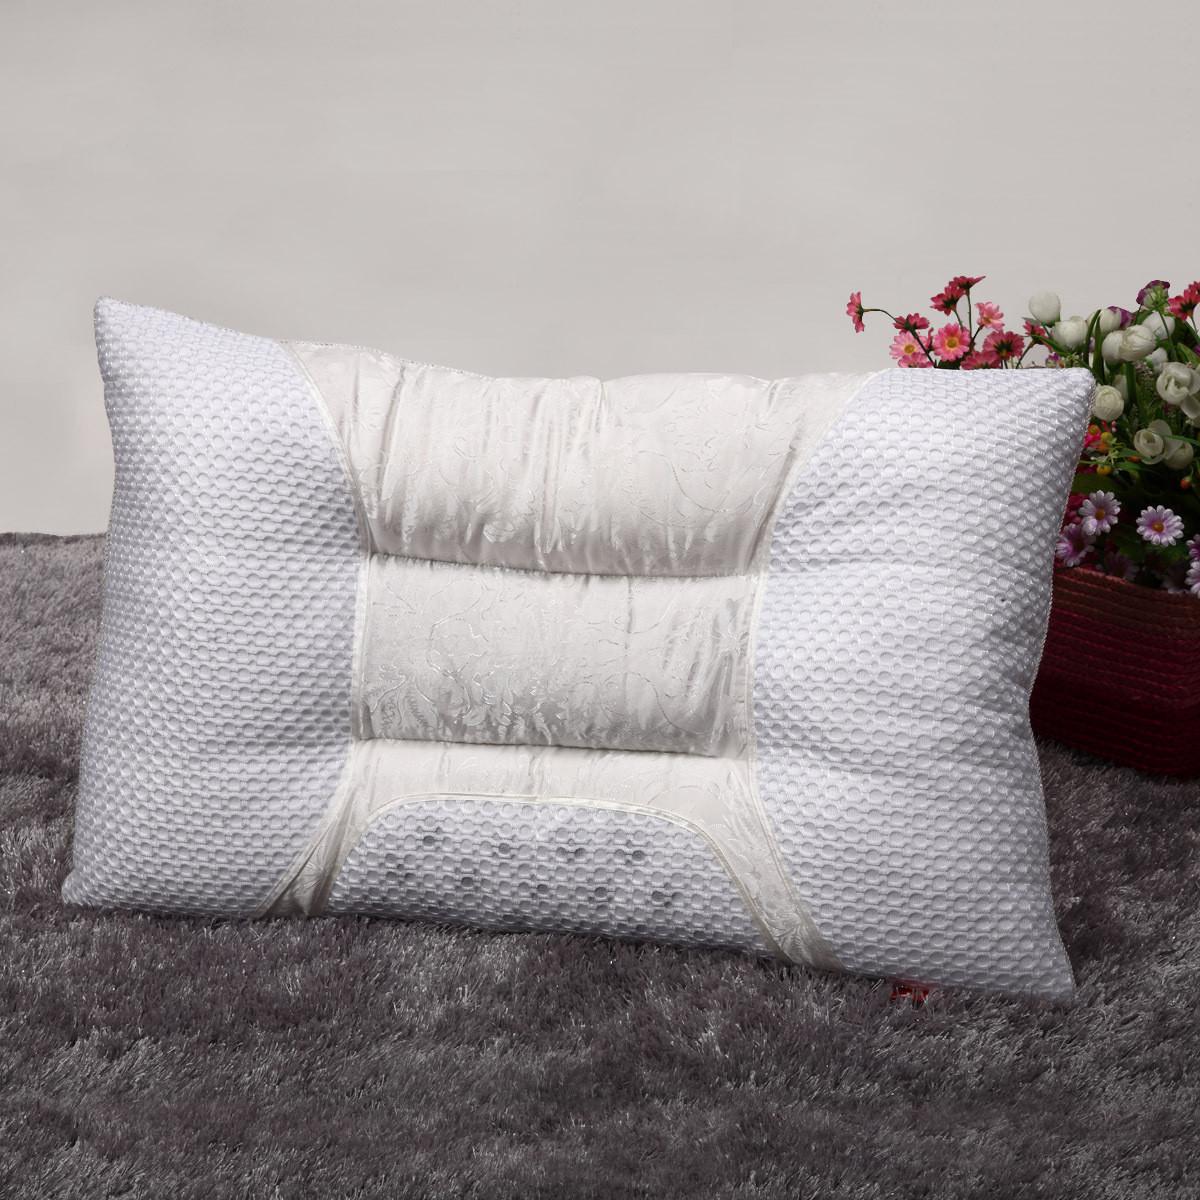 枕头多高合适?